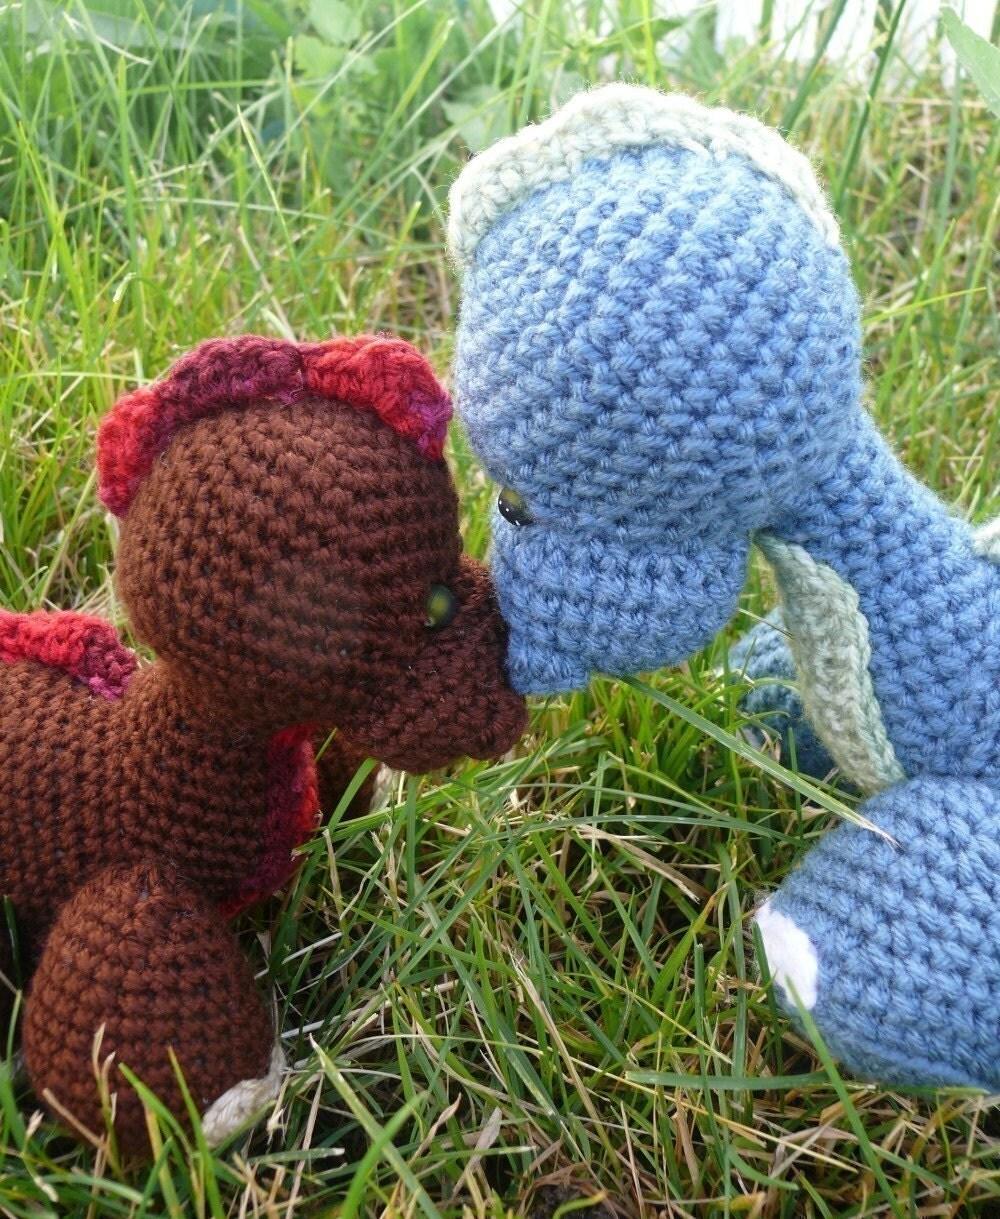 Amigurumi Baby Dinosaur Crochet Pattern PDF by voodoomaggie